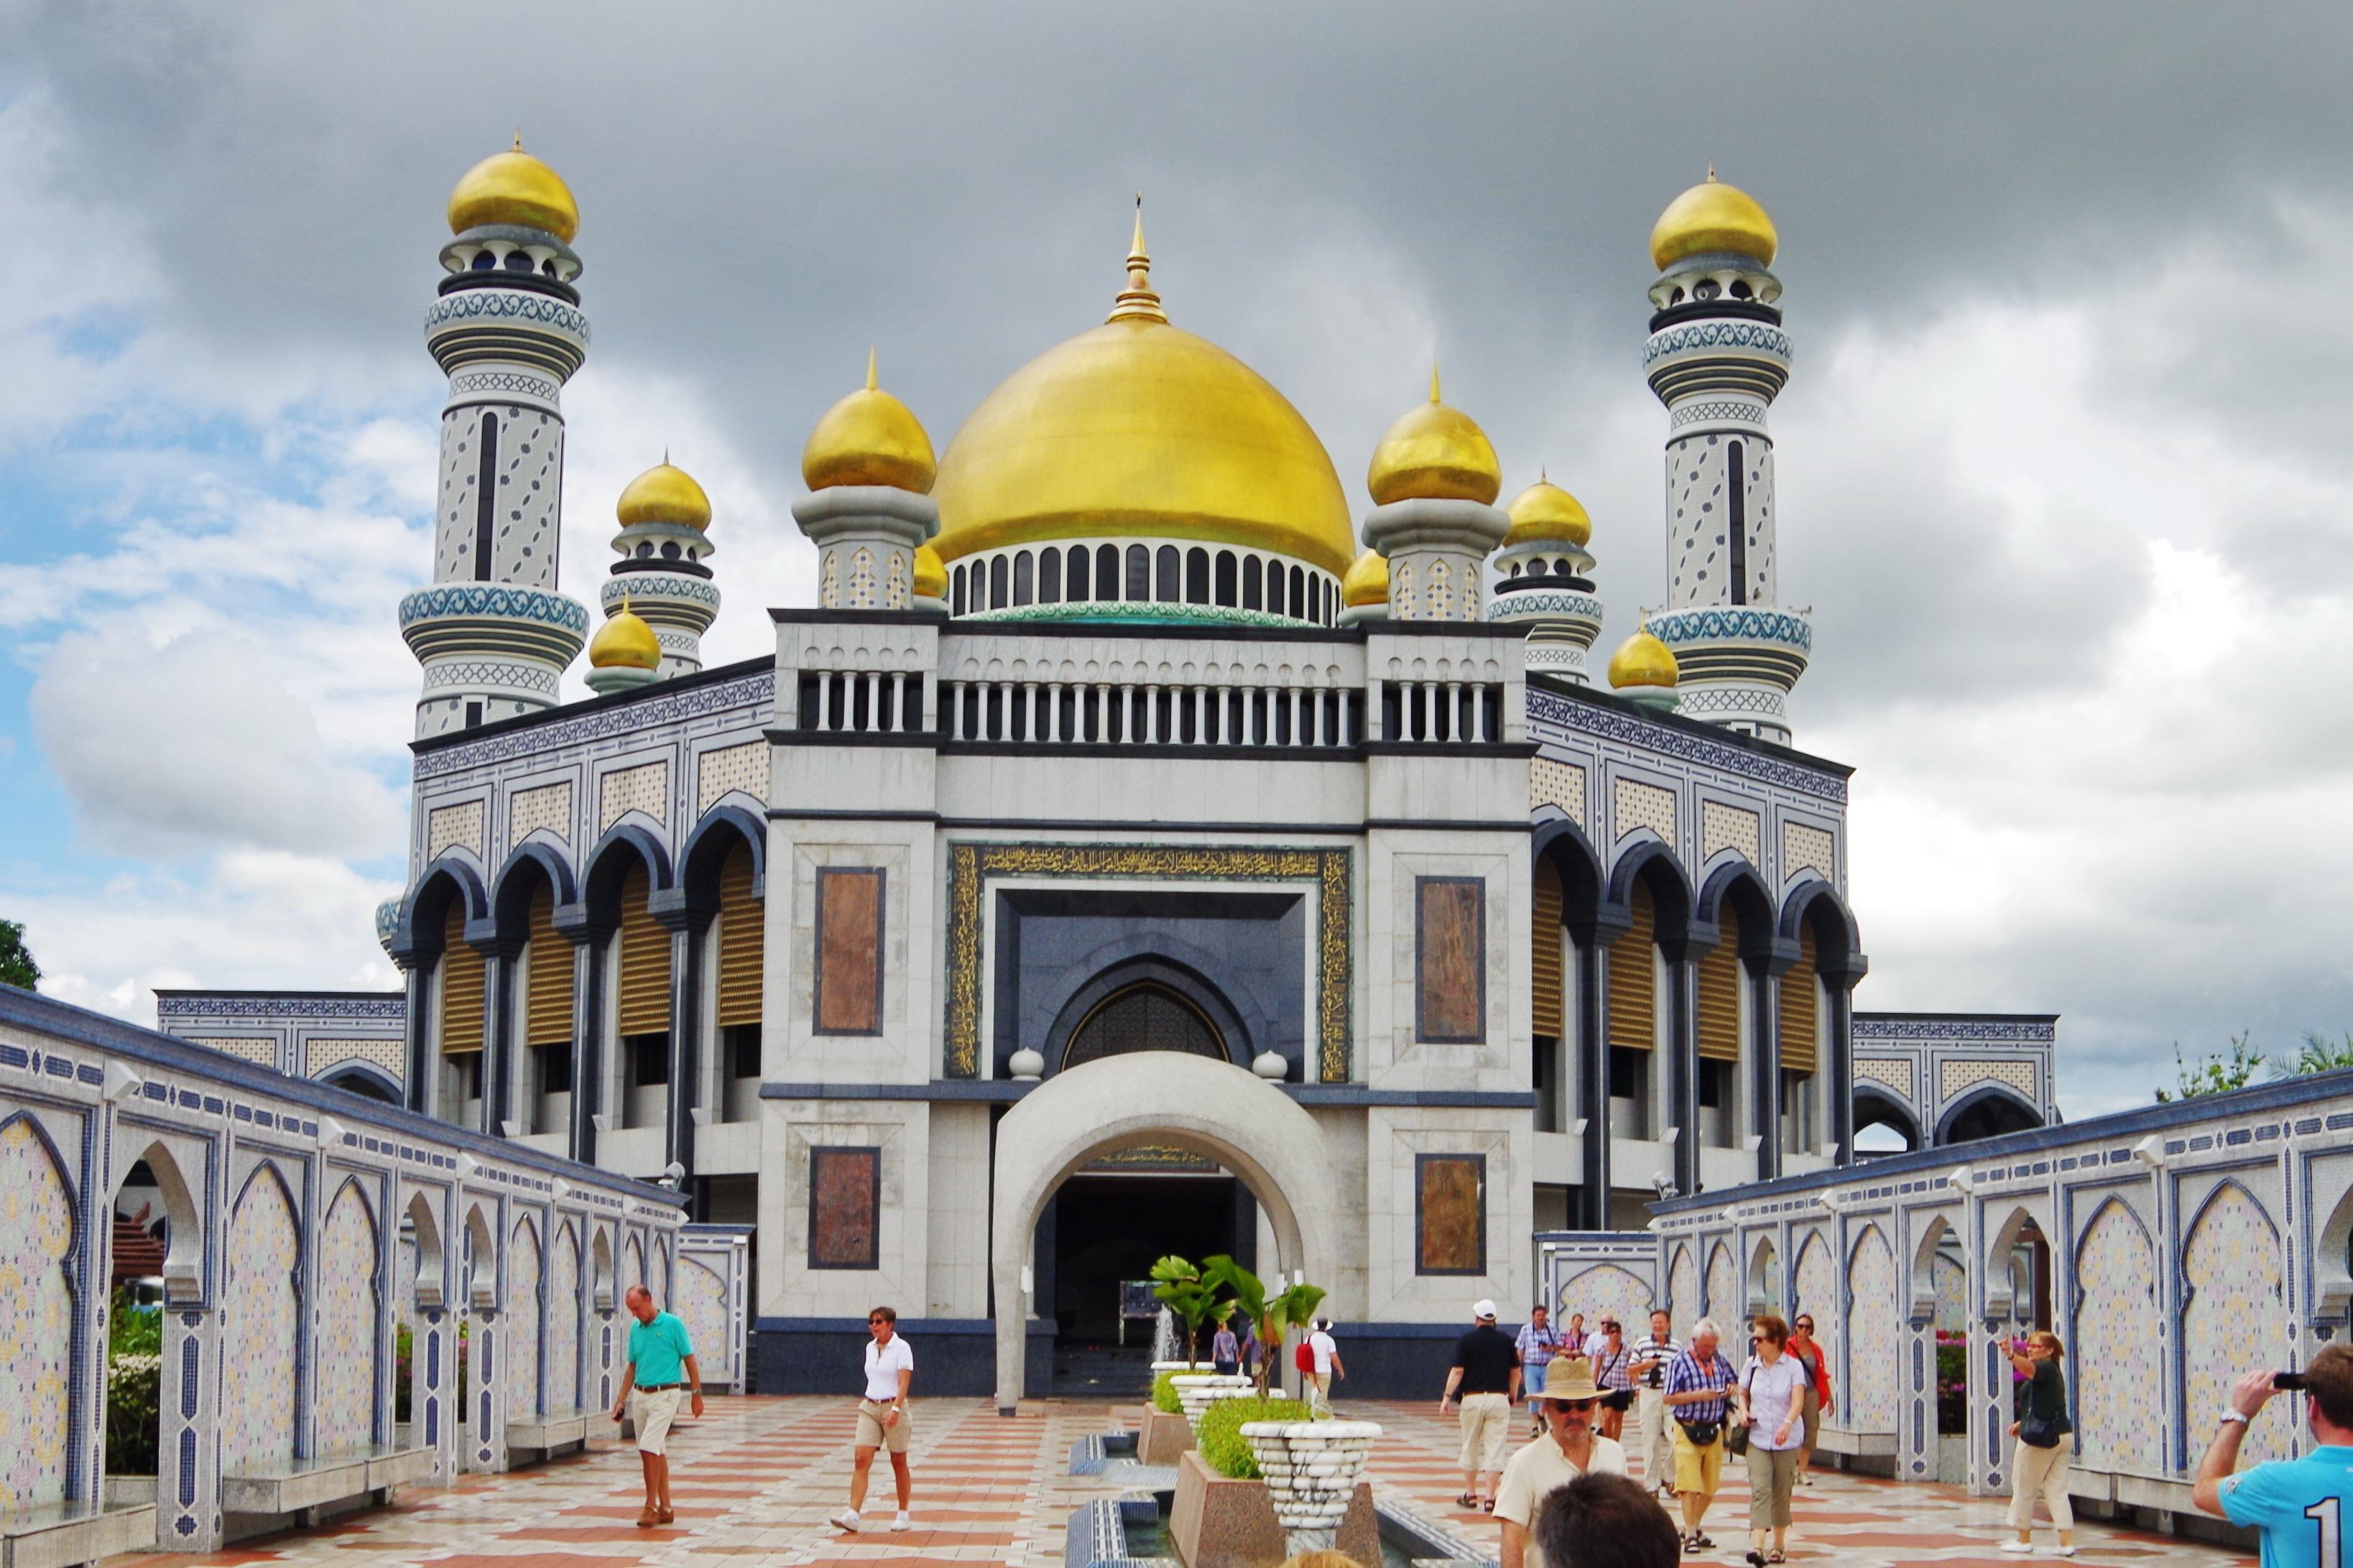 সবচেয়ে সুন্দর মসজিদ চিত্র